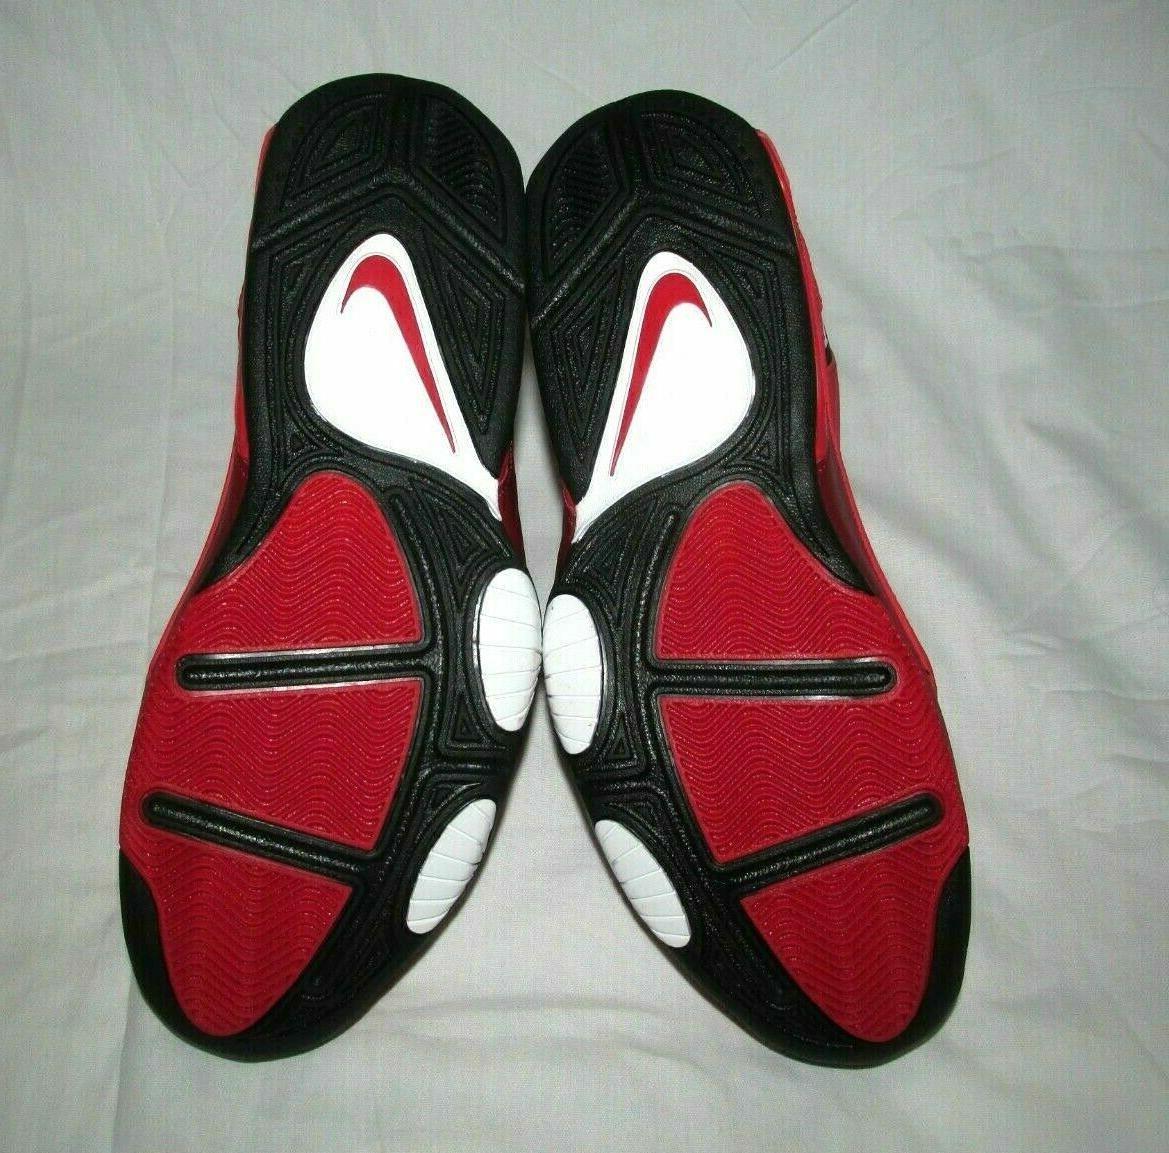 Nike Air Mens Shoes University Red Black AV8061-600